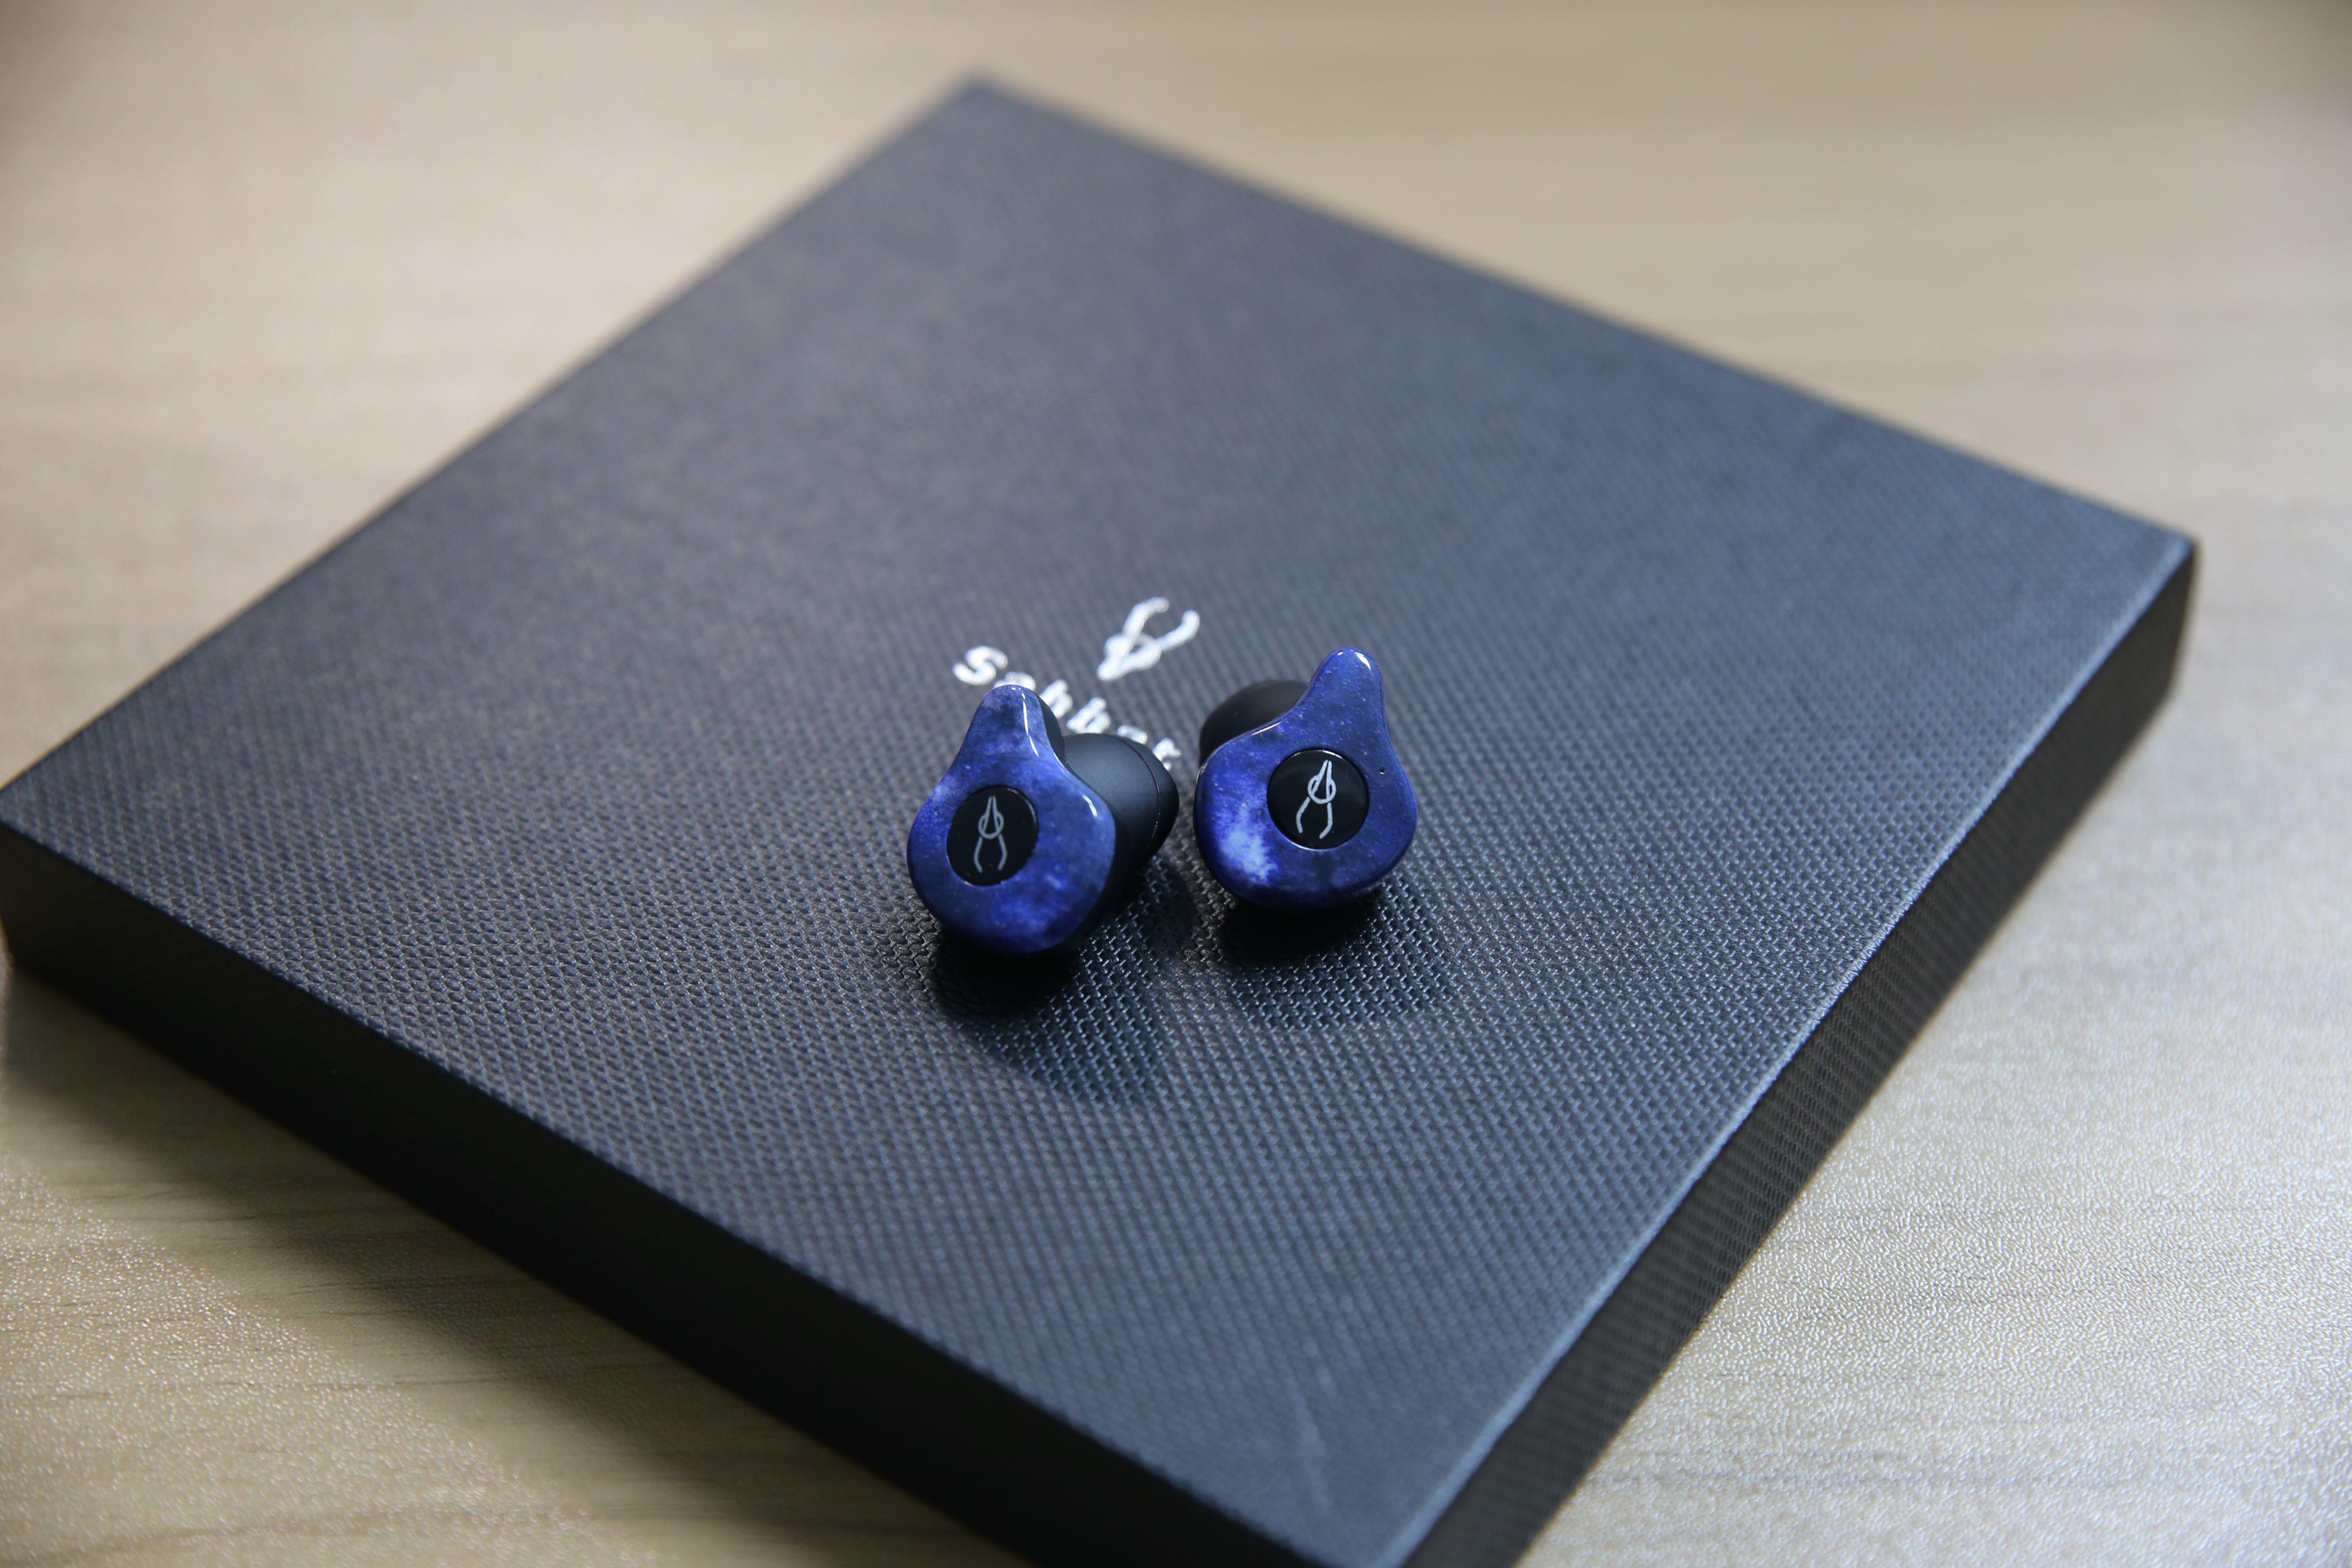 兼具酷炫外表與優異音質 - Sabbat X12 Pro真無線藍牙耳機